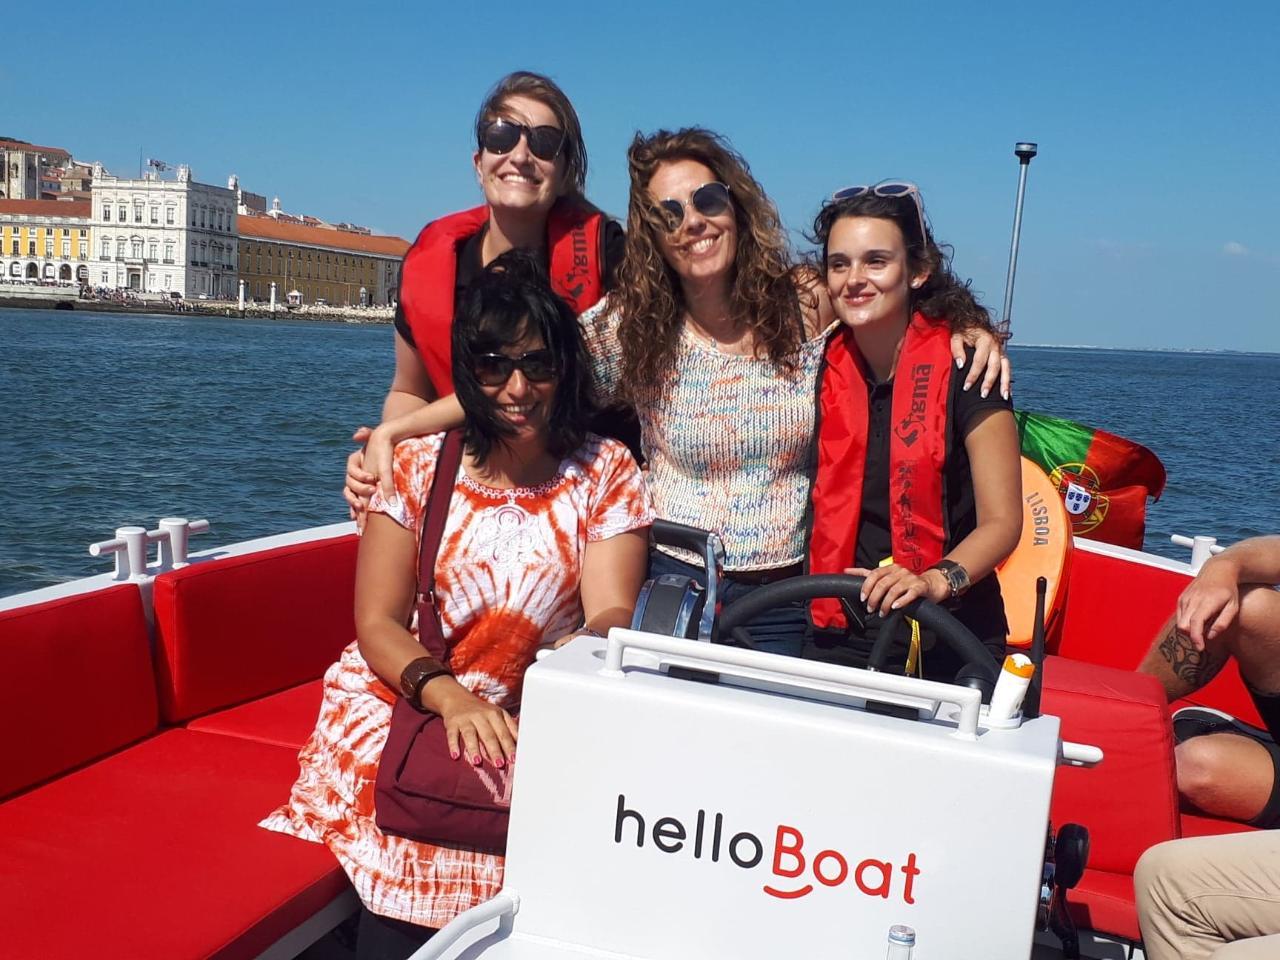 helloBoat happy sunset cruise